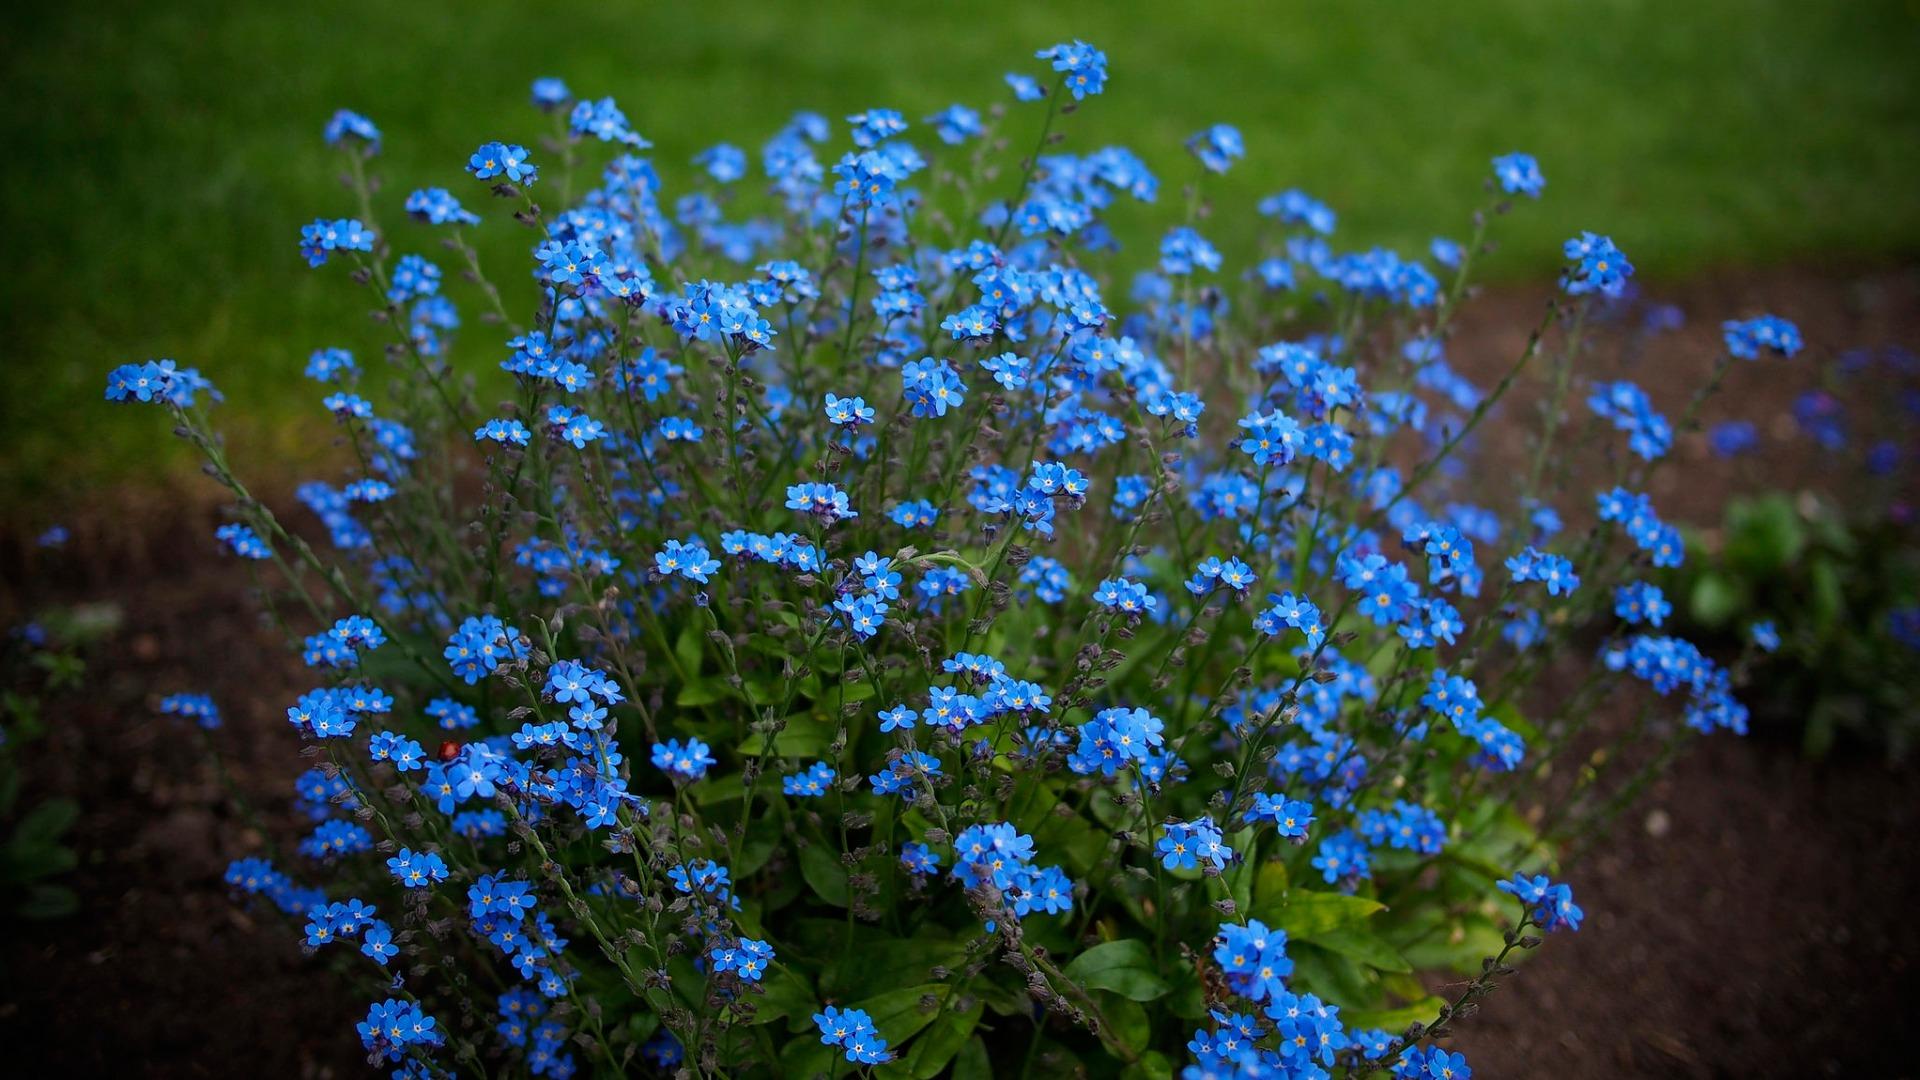 синие цветы незабудка